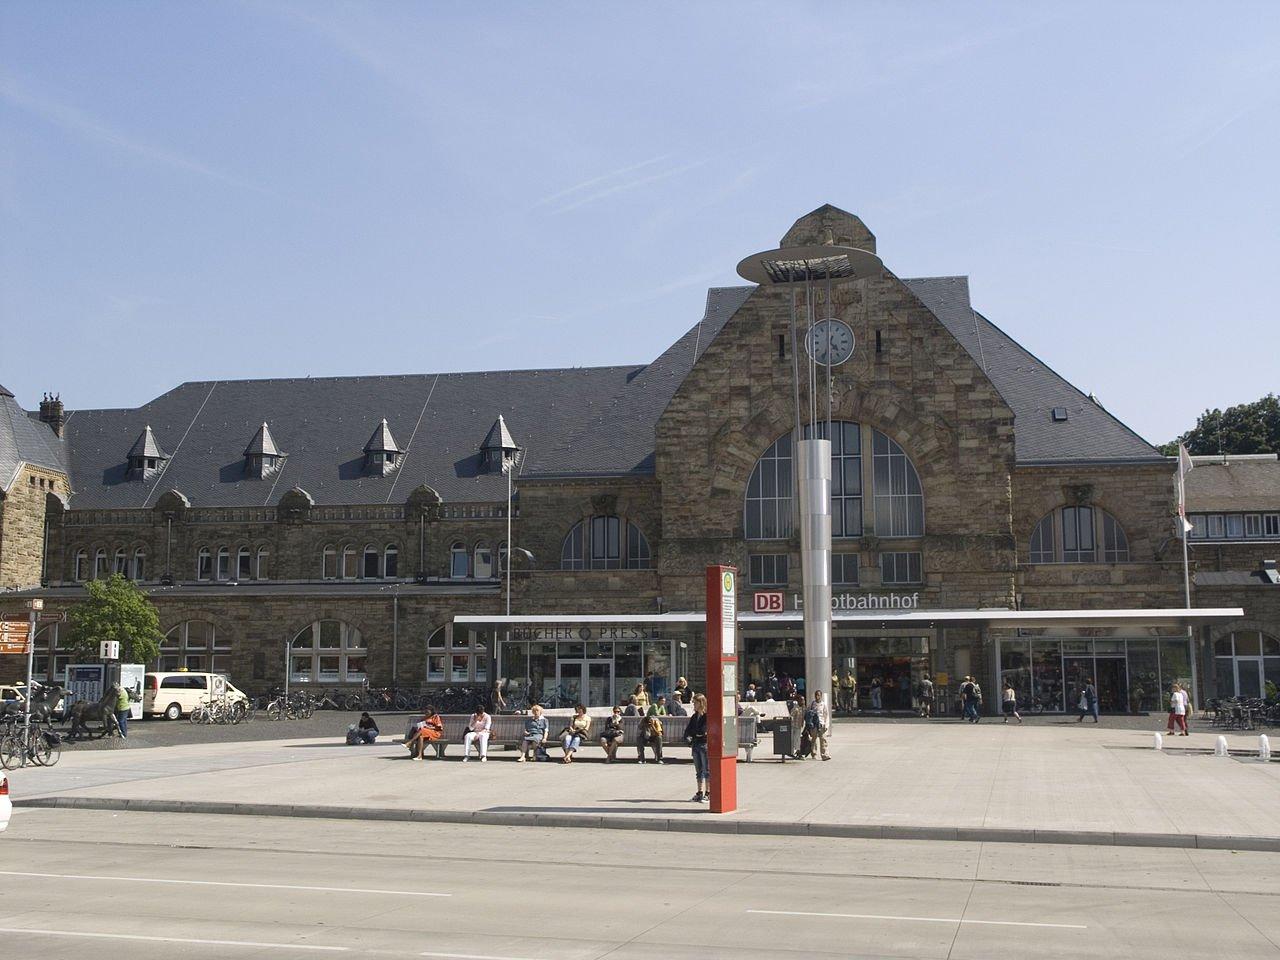 Фото Железнодорожный вокзал. Германия, Северный Рейн-Вестфалия, Аахен, Хаклендерштрассе